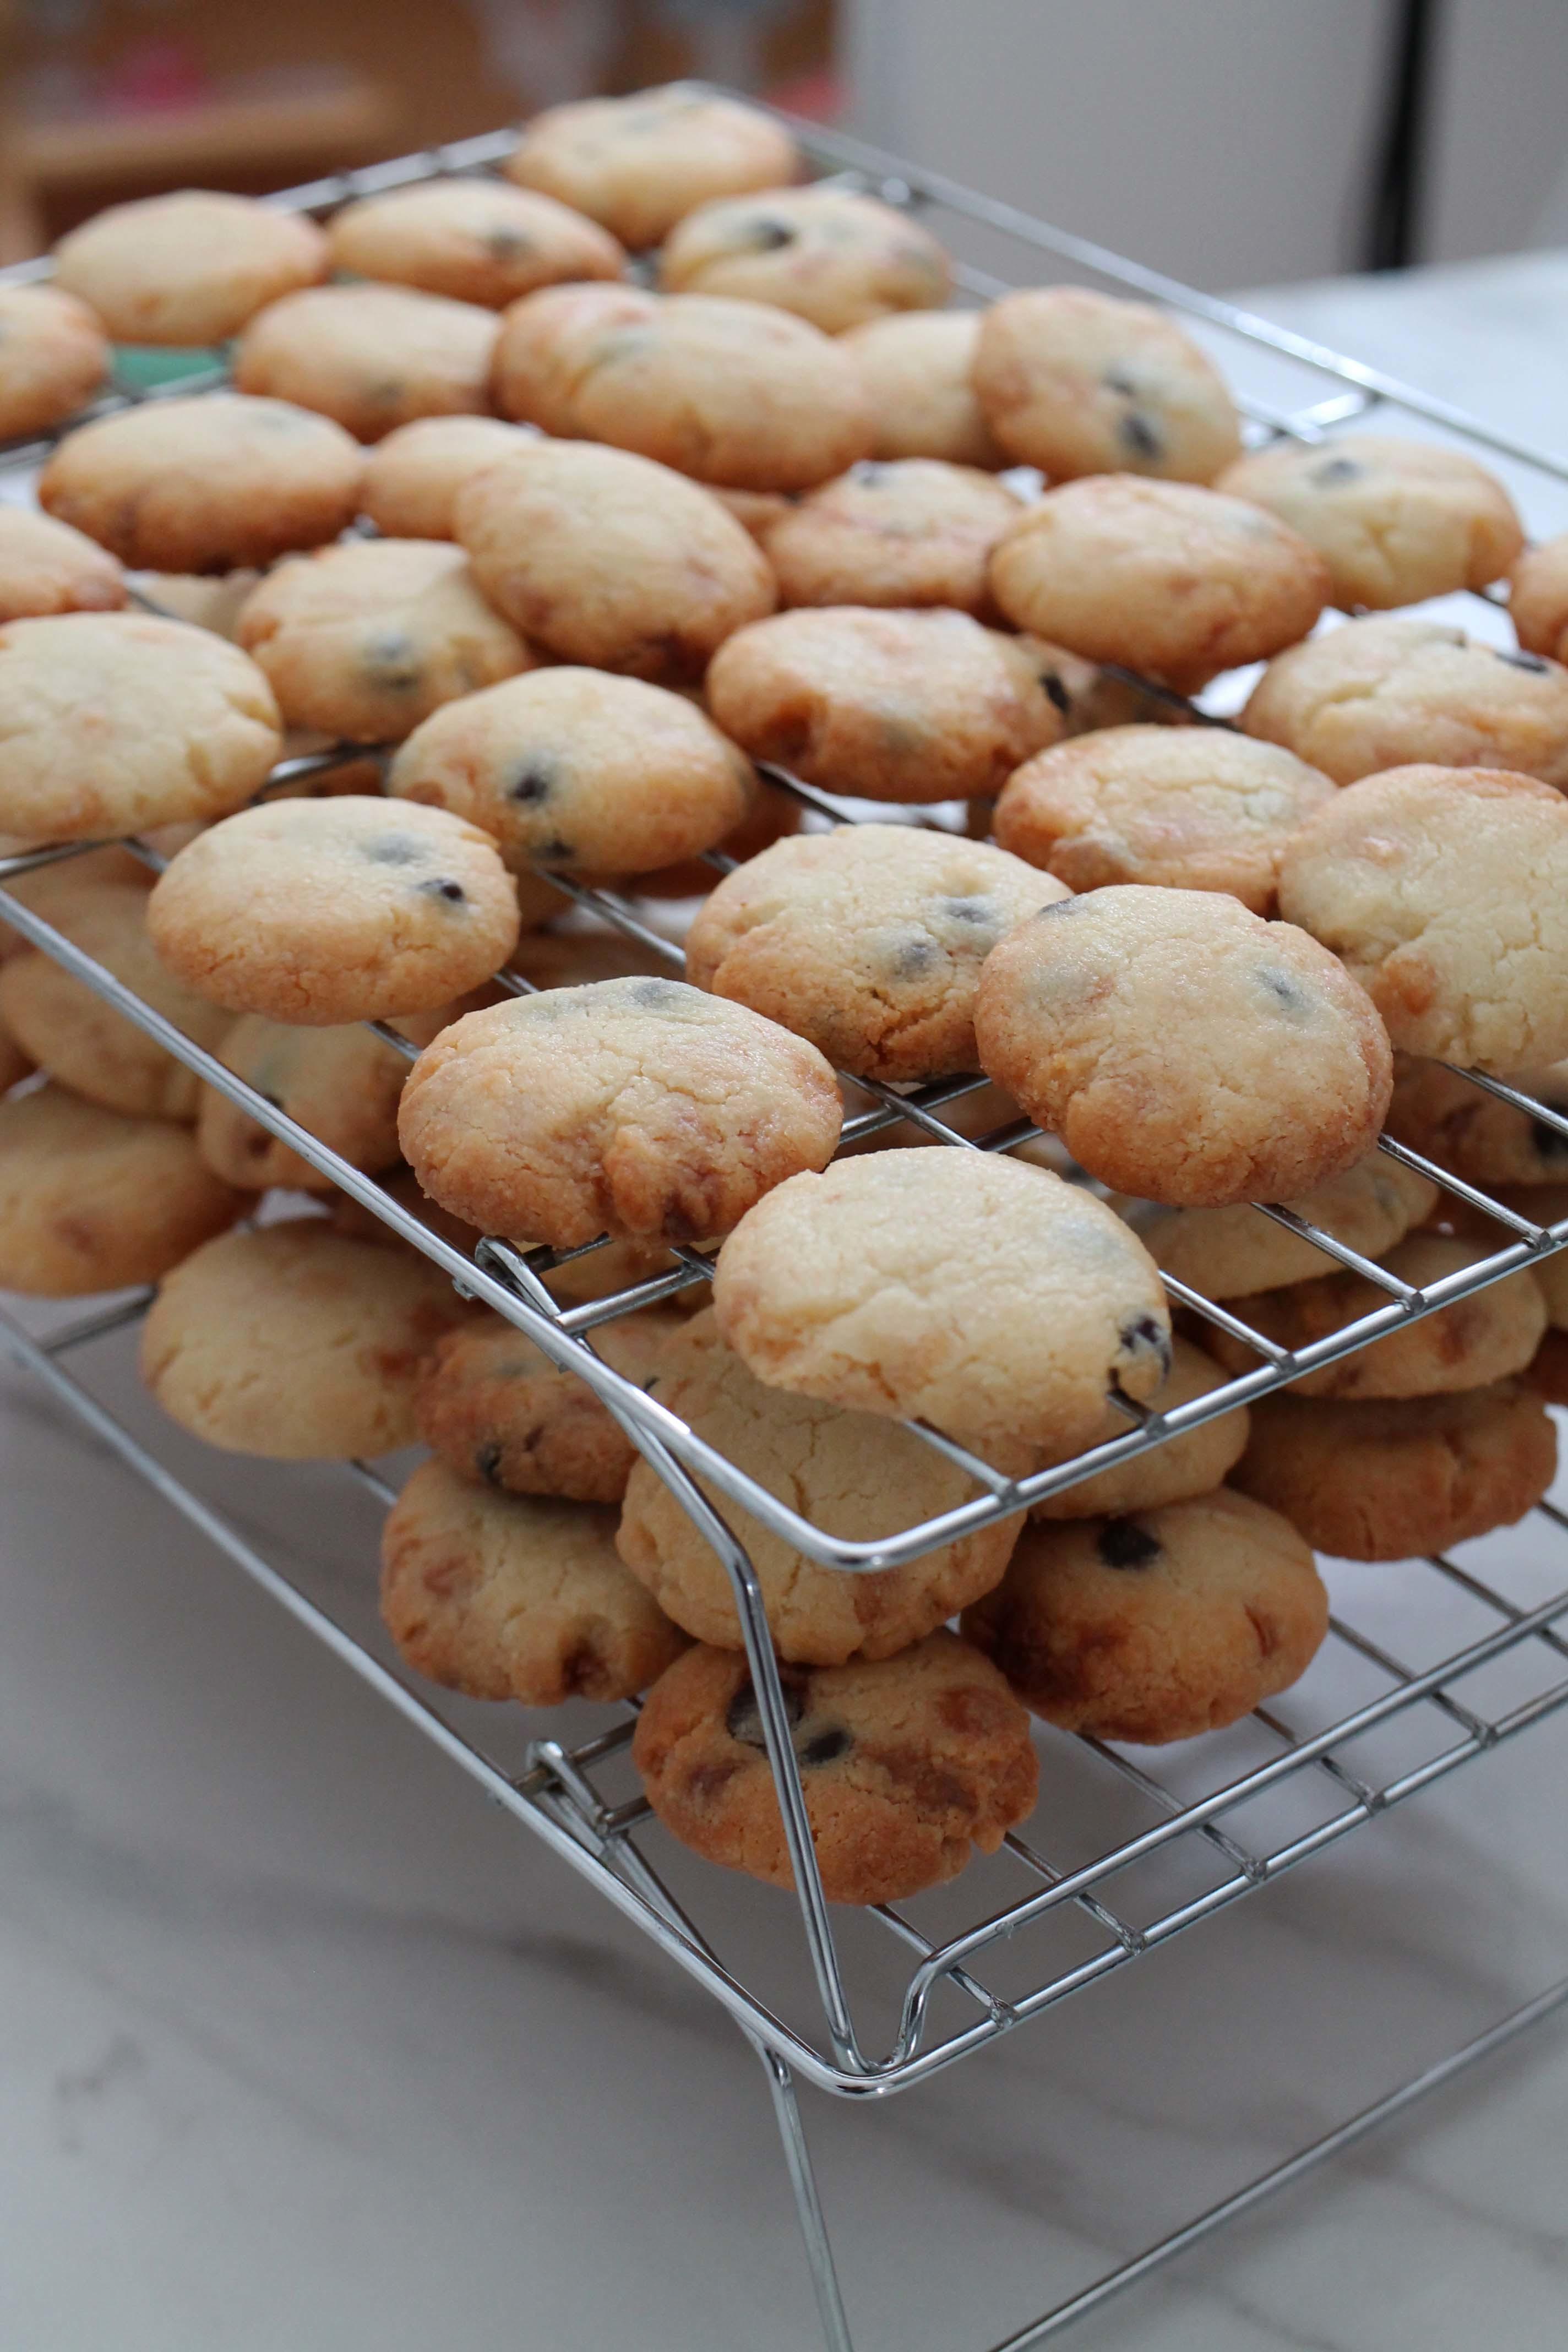 さくさくチョコチップクッキーとおみやげいろいろ_d0377645_22532765.jpg